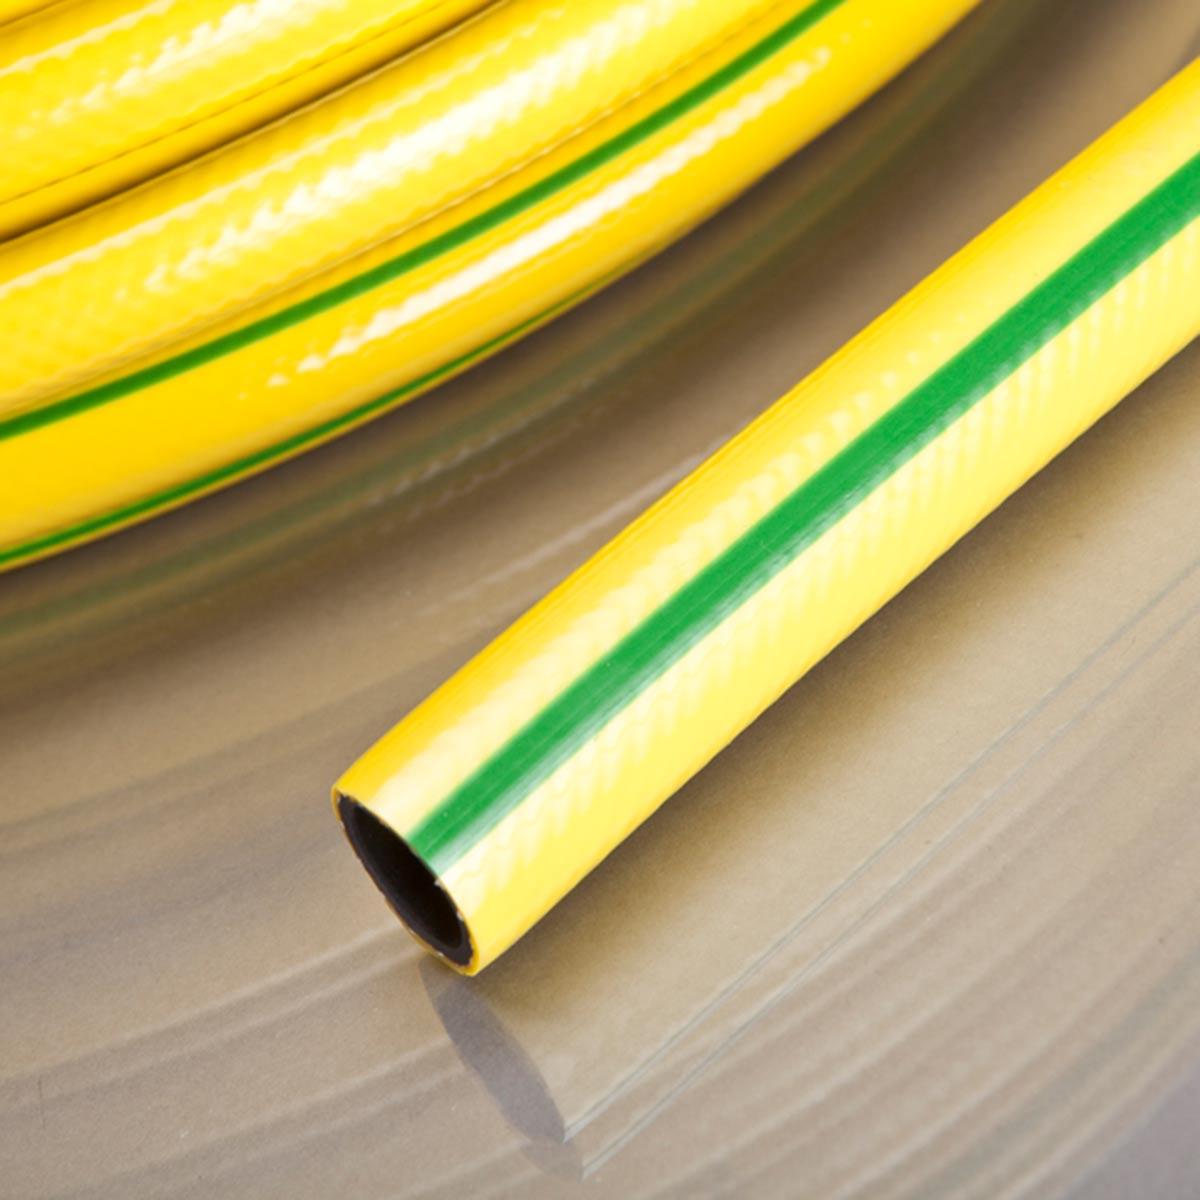 Gartenschlauch Classic Zuschnitt, aus PVC, gelb, L 50 m, d 15 mm, D 21 mm